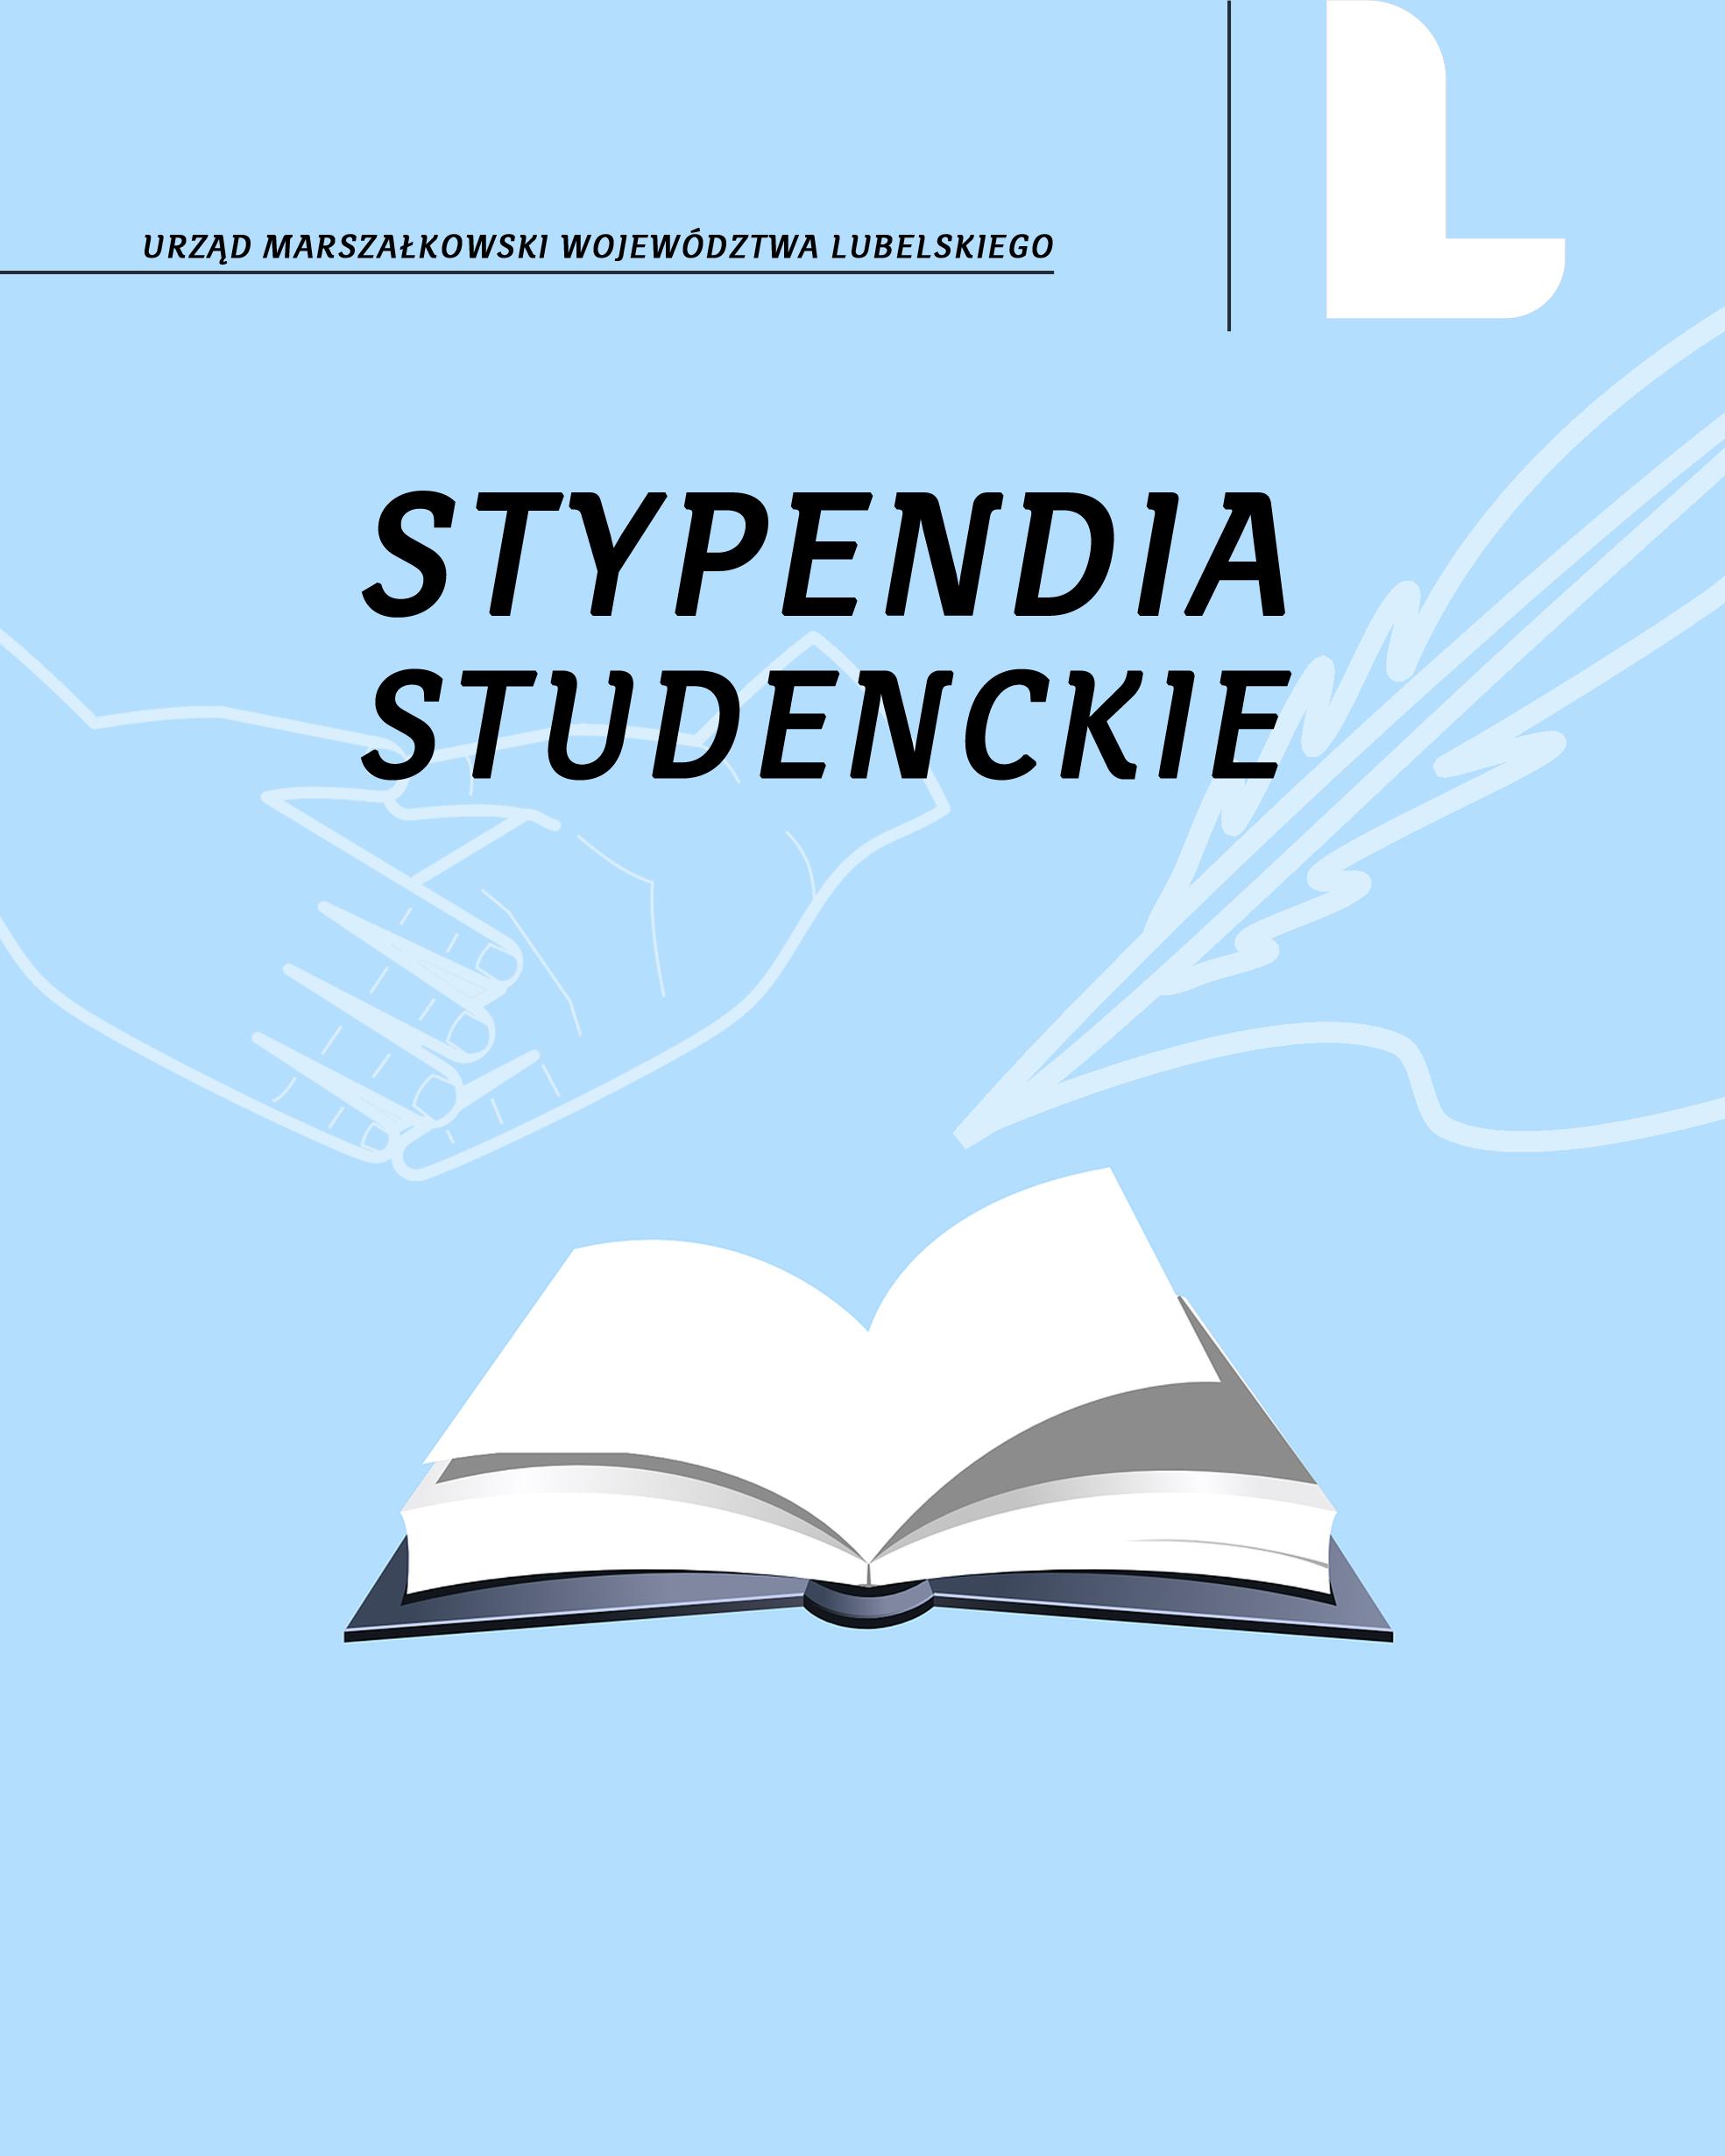 Studenckie Stypendia Marszałka Województwa Lubelskiego w 2021 roku